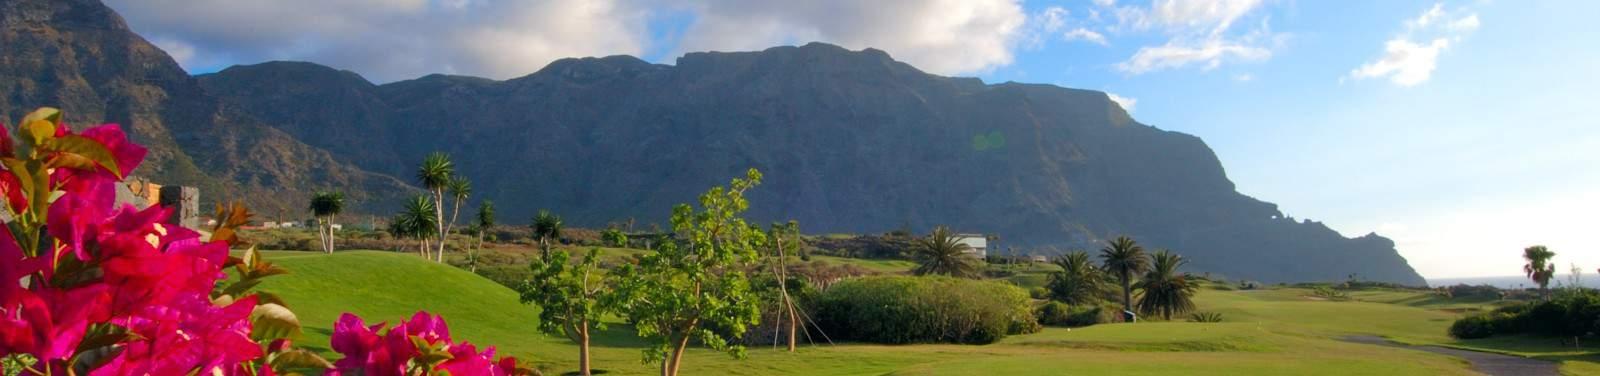 Golfplatz Teneriffa, Buenavista Golf, Golfplatz Kanarische Inseln